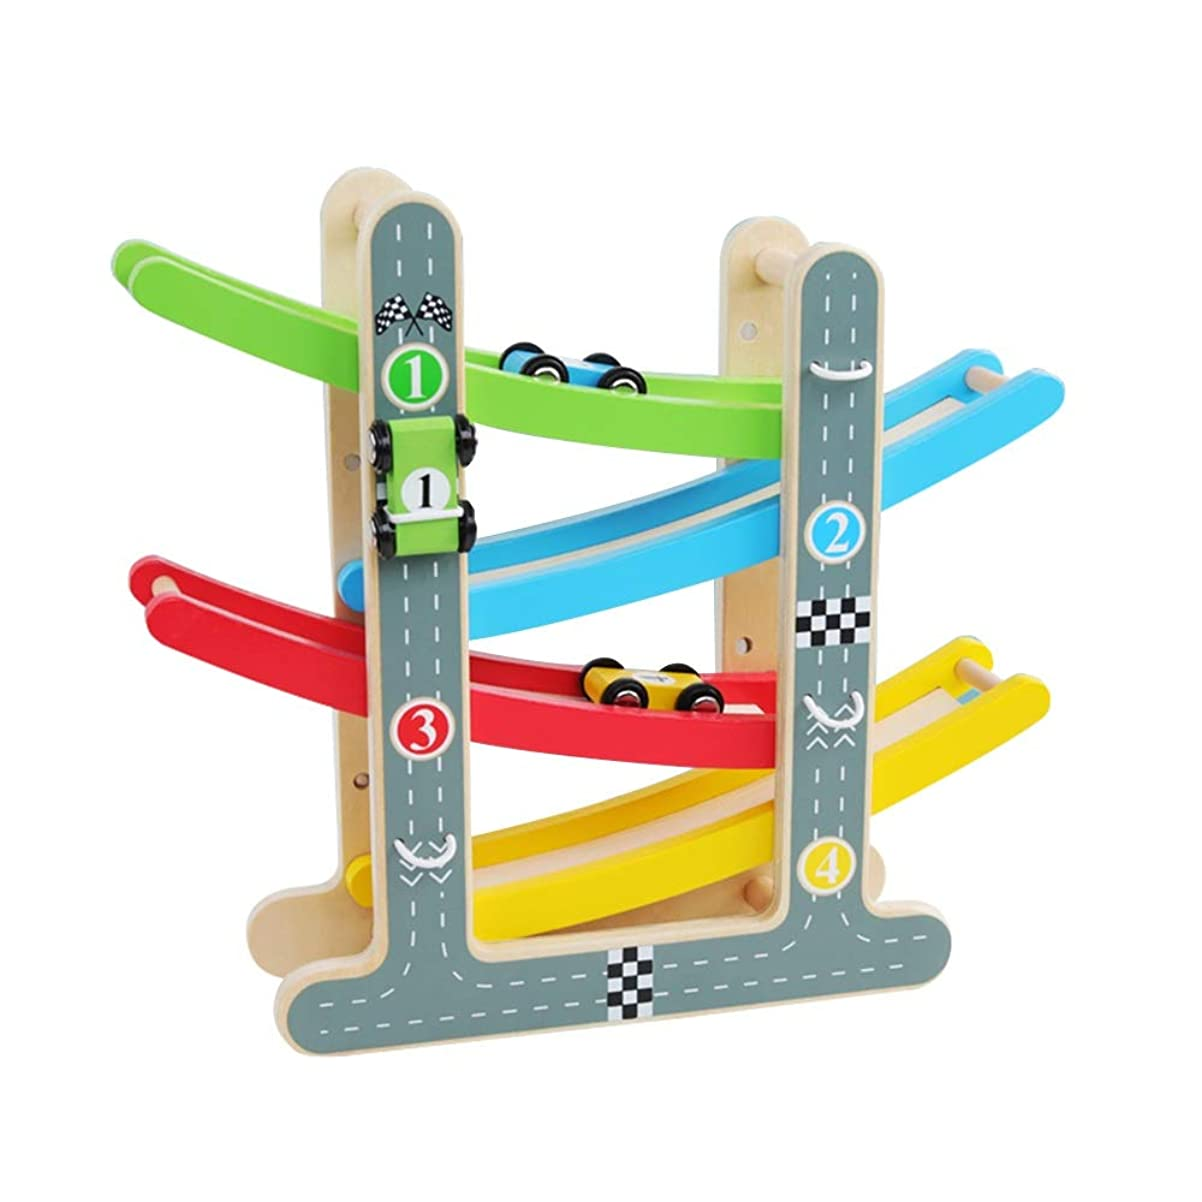 振動する最悪さびたXyanzi 子どもおもちゃ 幼児のおもちゃレーストラック、4台のミニカーとランプレーサーゲーム初期開発車両プレイセット玩具(サイズ:8.86